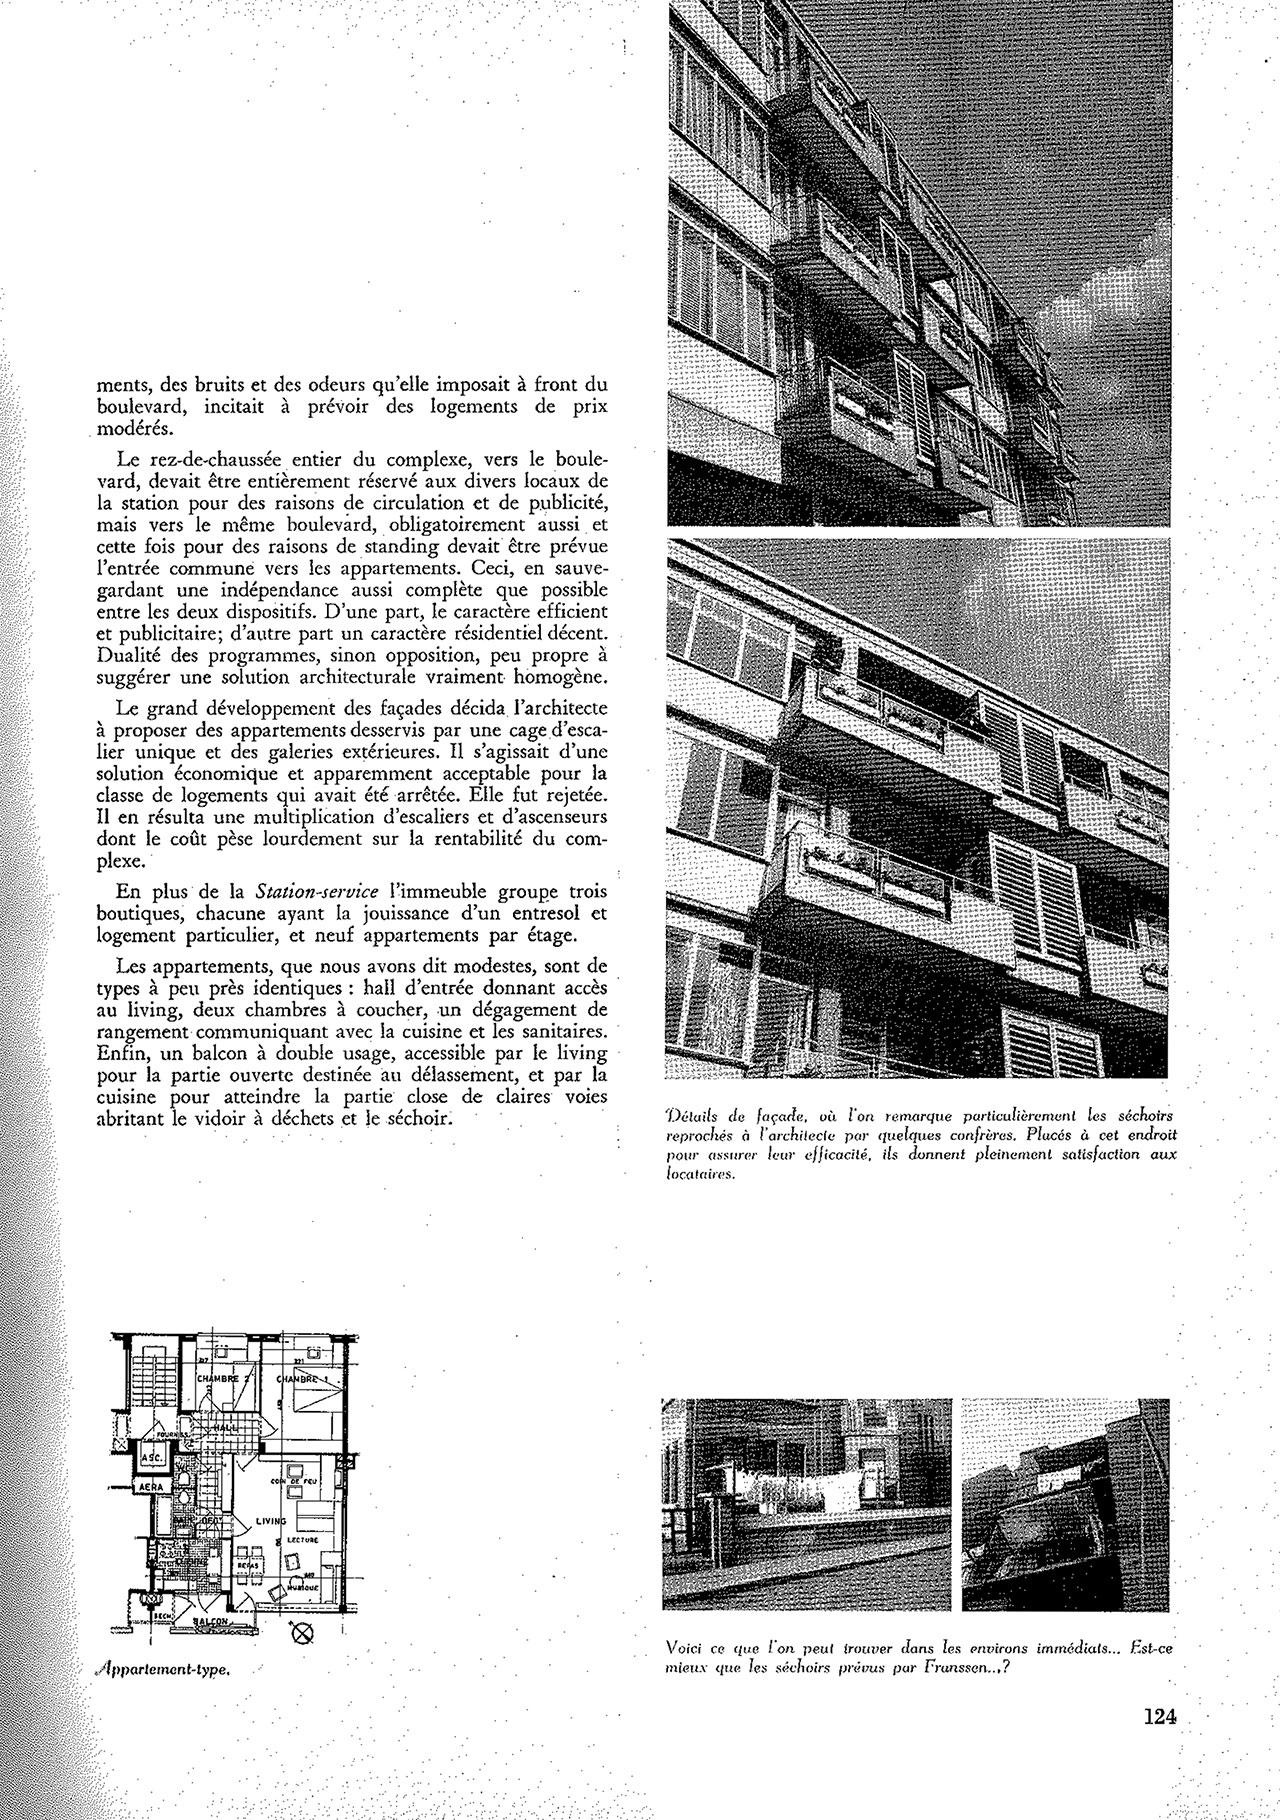 Station service et appartements modestes